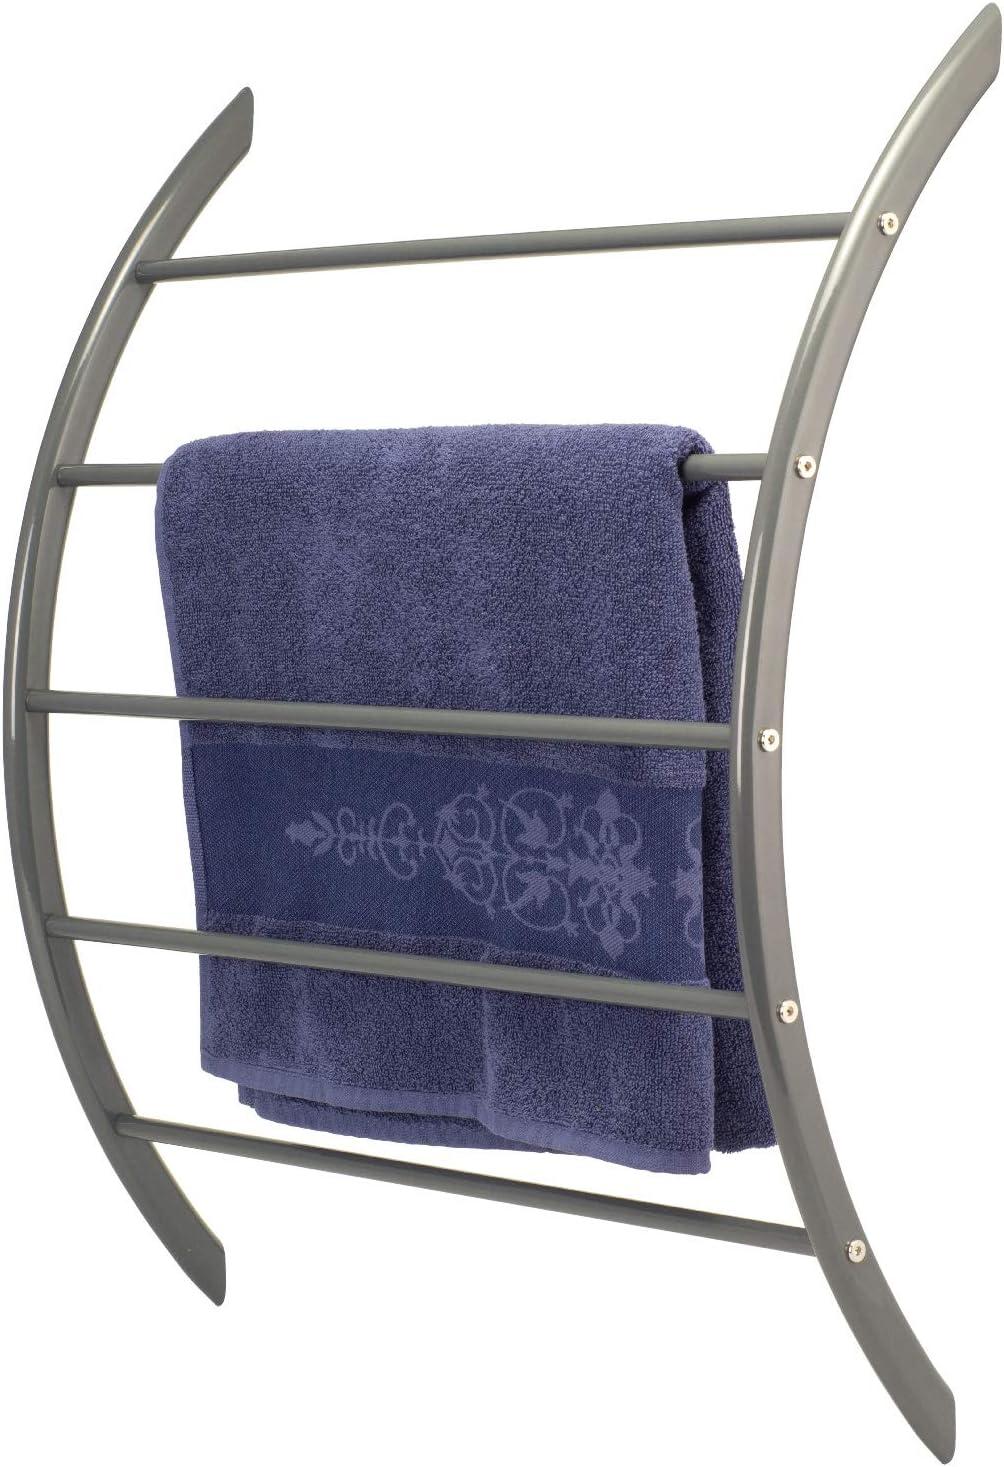 bremermann Handtuchhalter zur Wandmontage mit 5 Stangen aus Metall grau